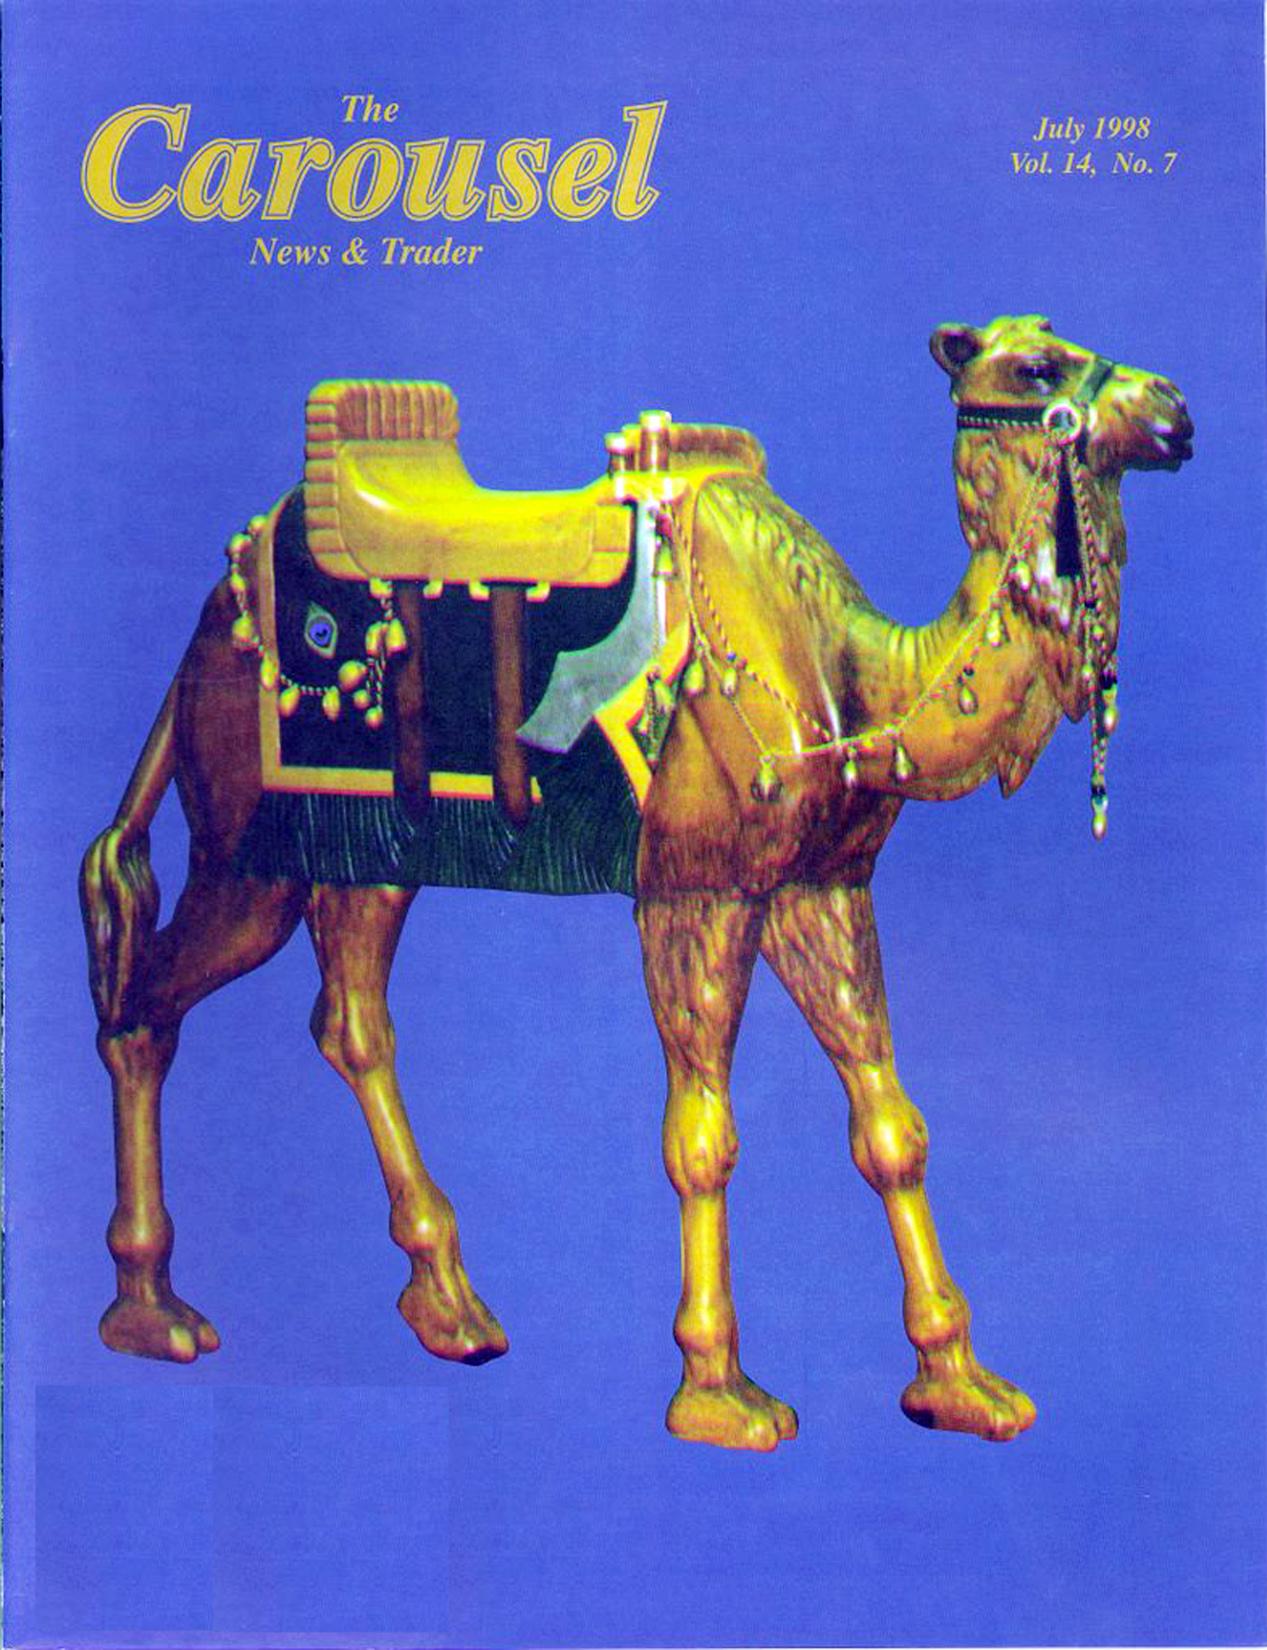 cnt_07_1998-Clyde-Pen-Mar-carousel-Muller-camel-rebuilt